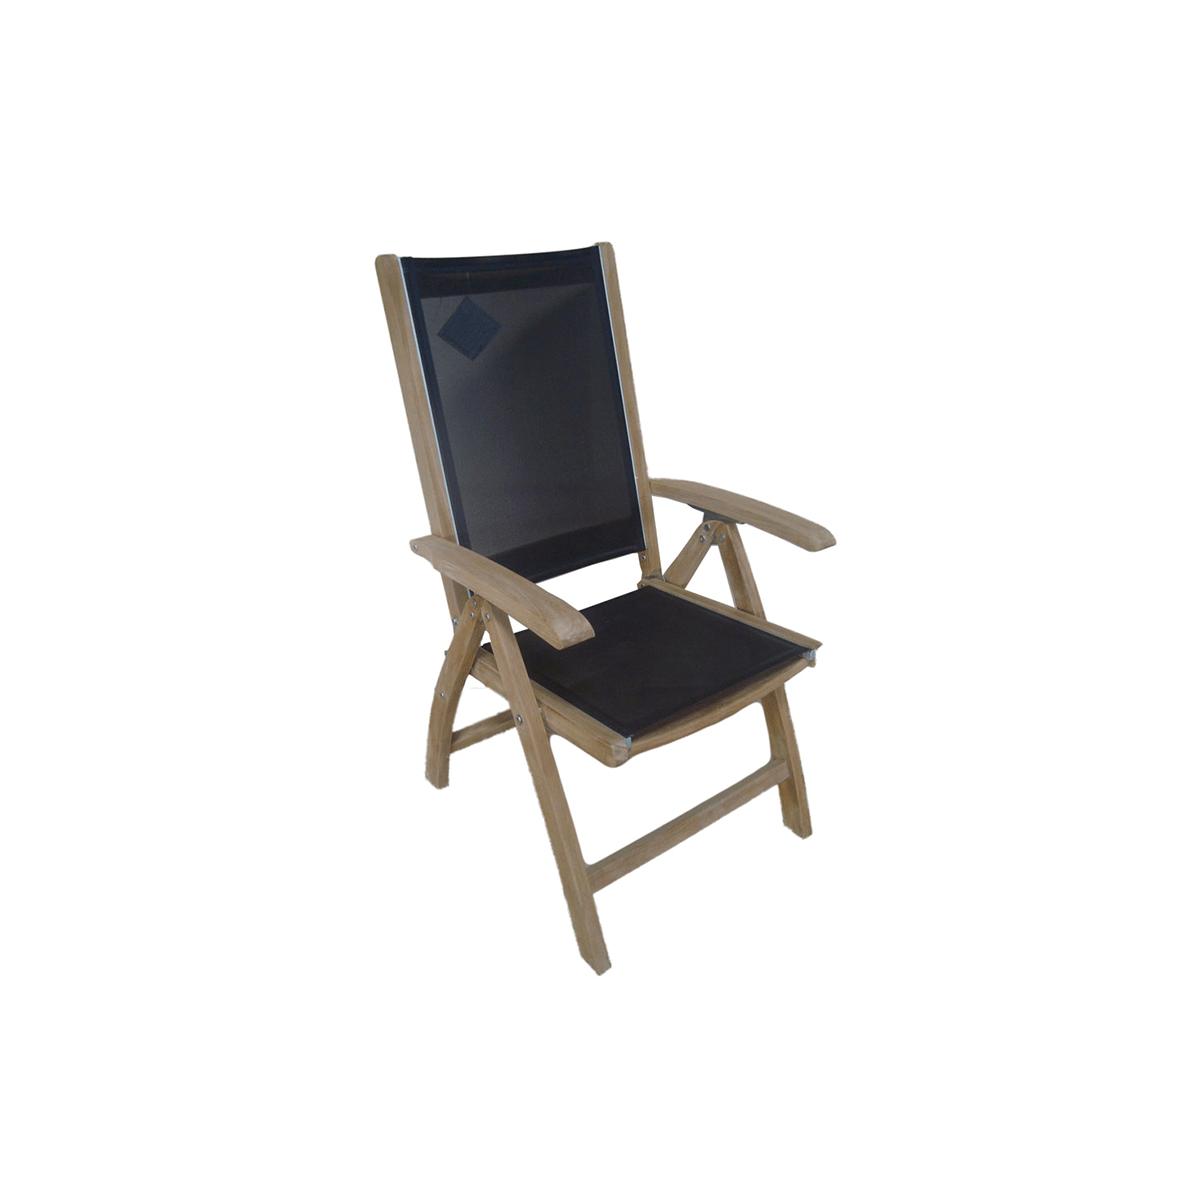 teak hochlehner sessel british teak. Black Bedroom Furniture Sets. Home Design Ideas